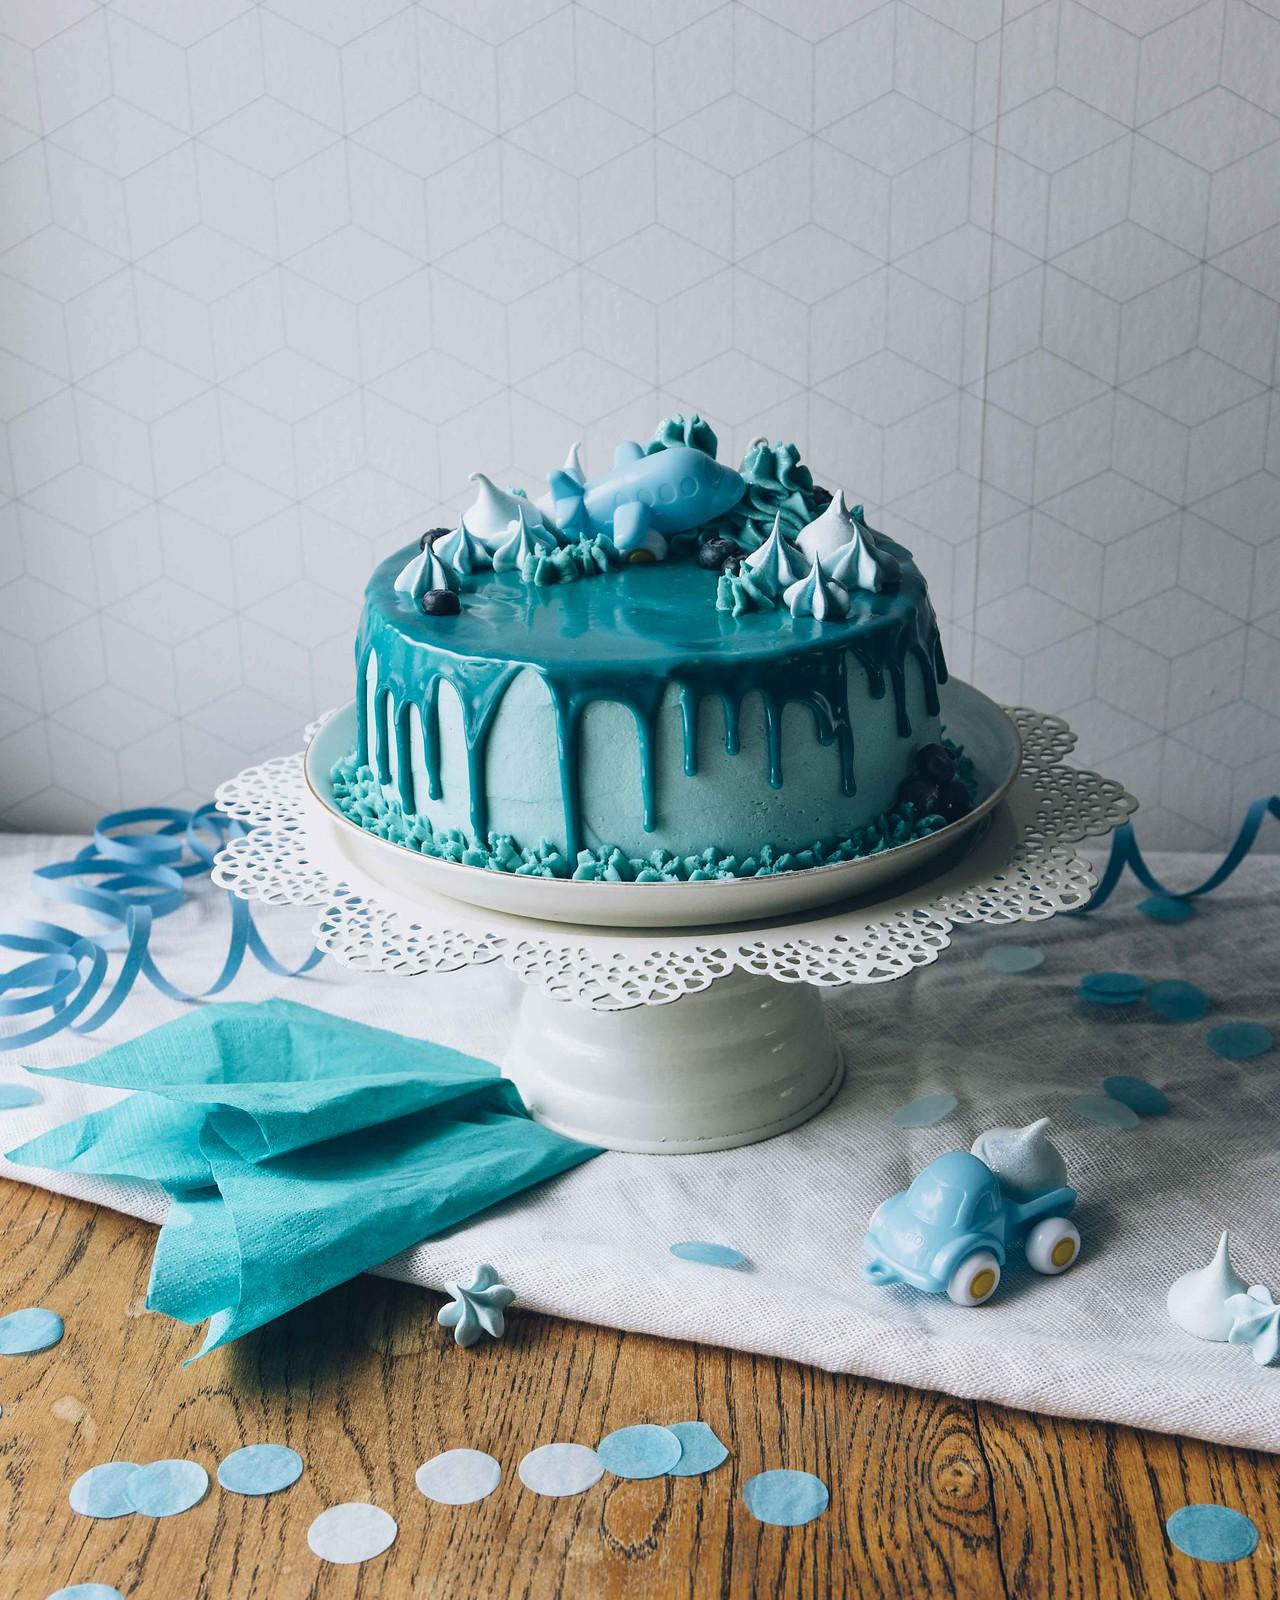 PINOSSA_DRIP_CAKE_FOR_BOYIMG_7533